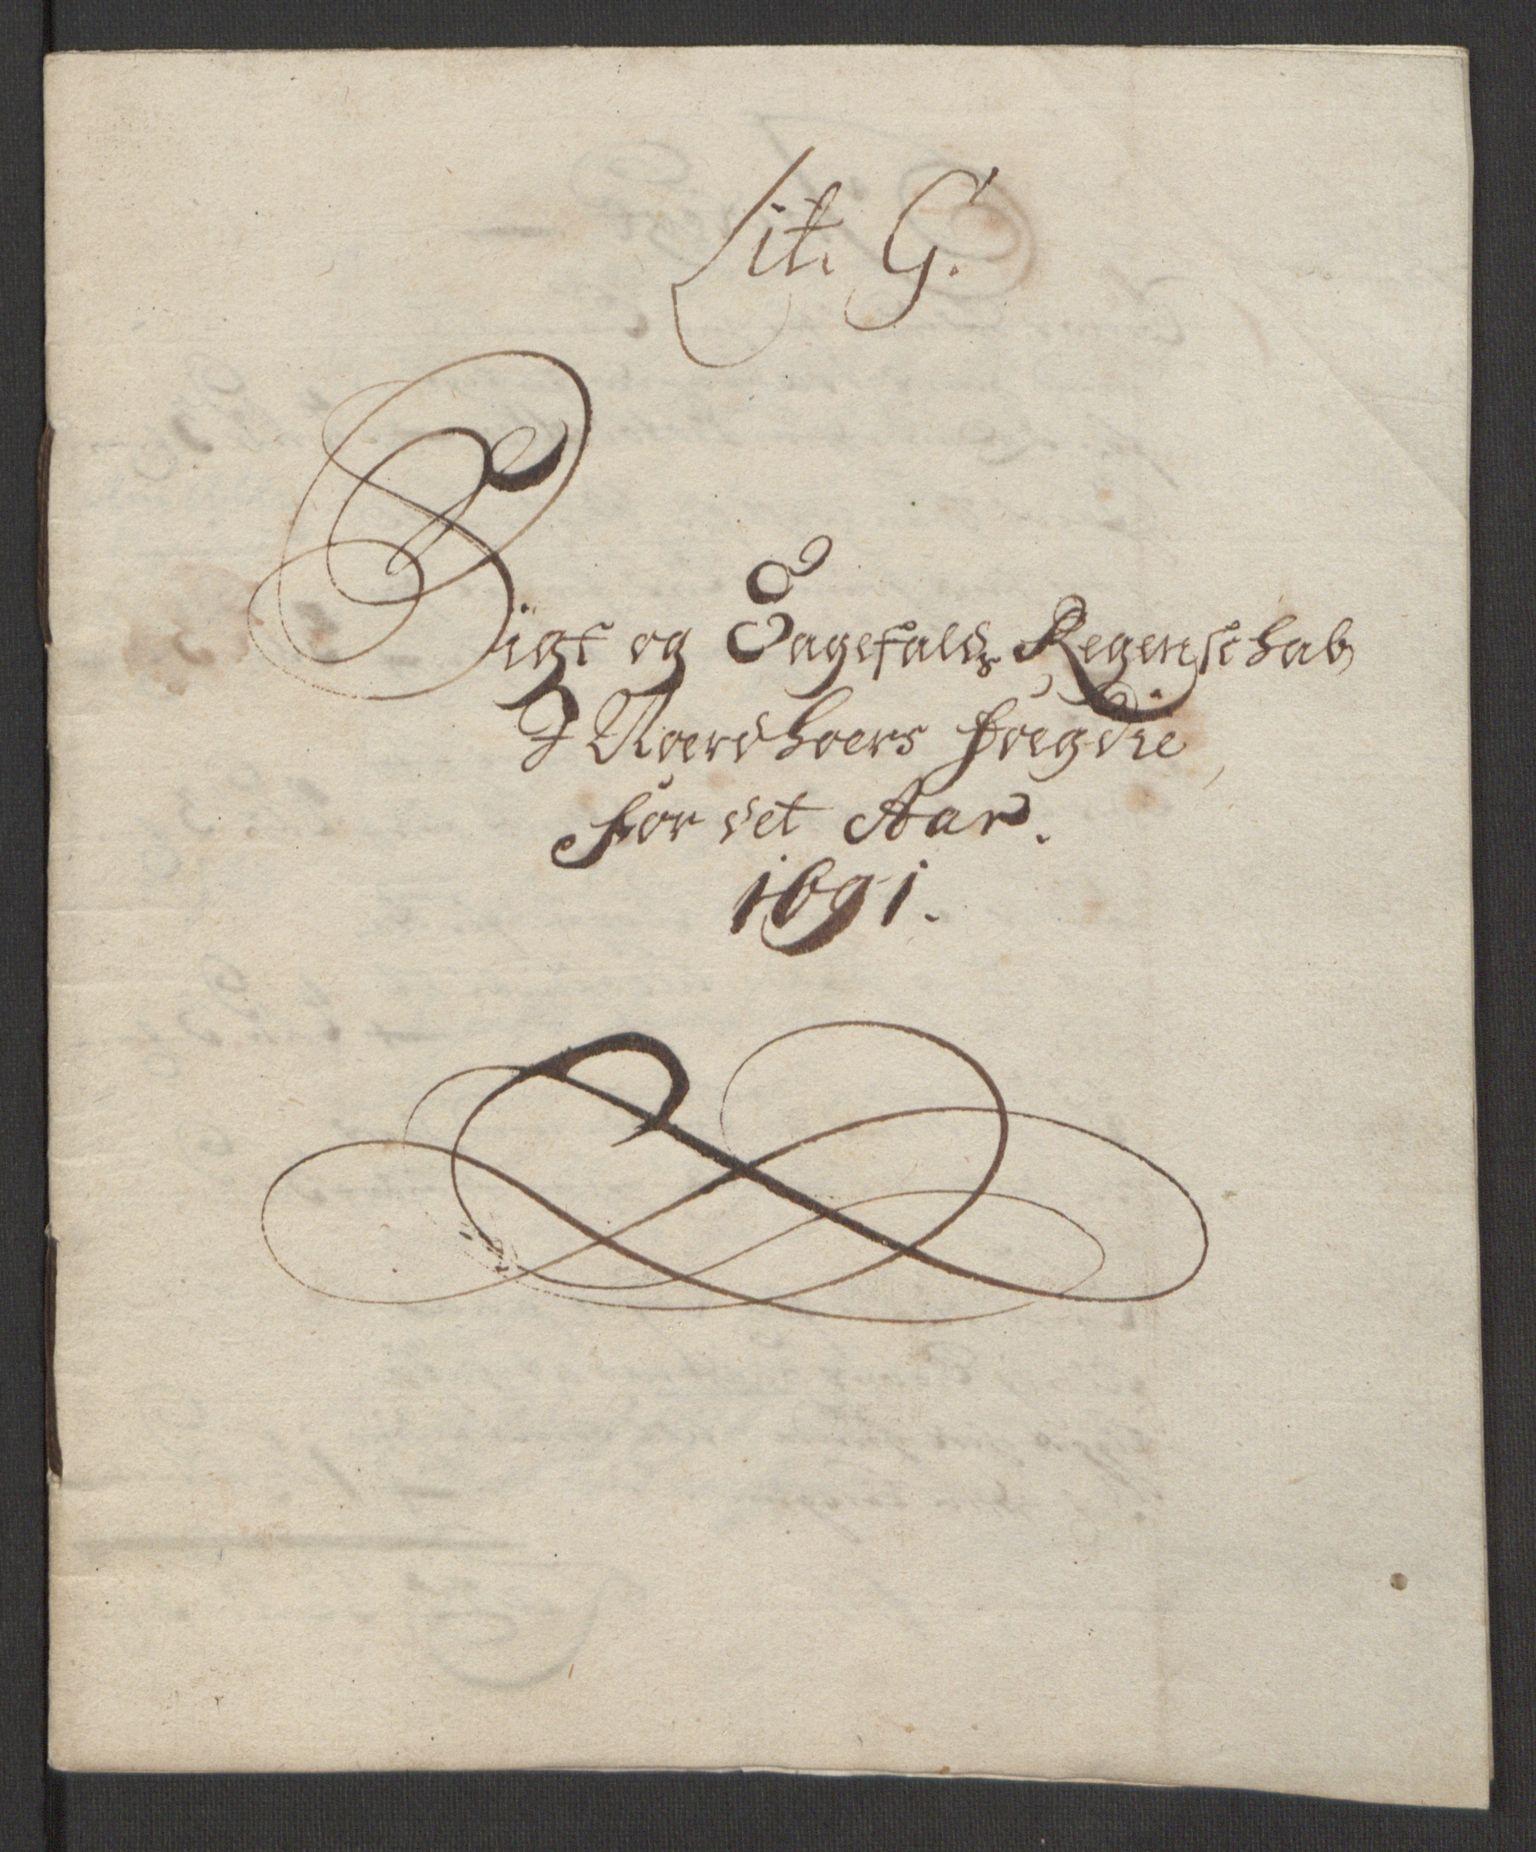 RA, Rentekammeret inntil 1814, Reviderte regnskaper, Fogderegnskap, R51/L3181: Fogderegnskap Nordhordland og Voss, 1691-1692, s. 161